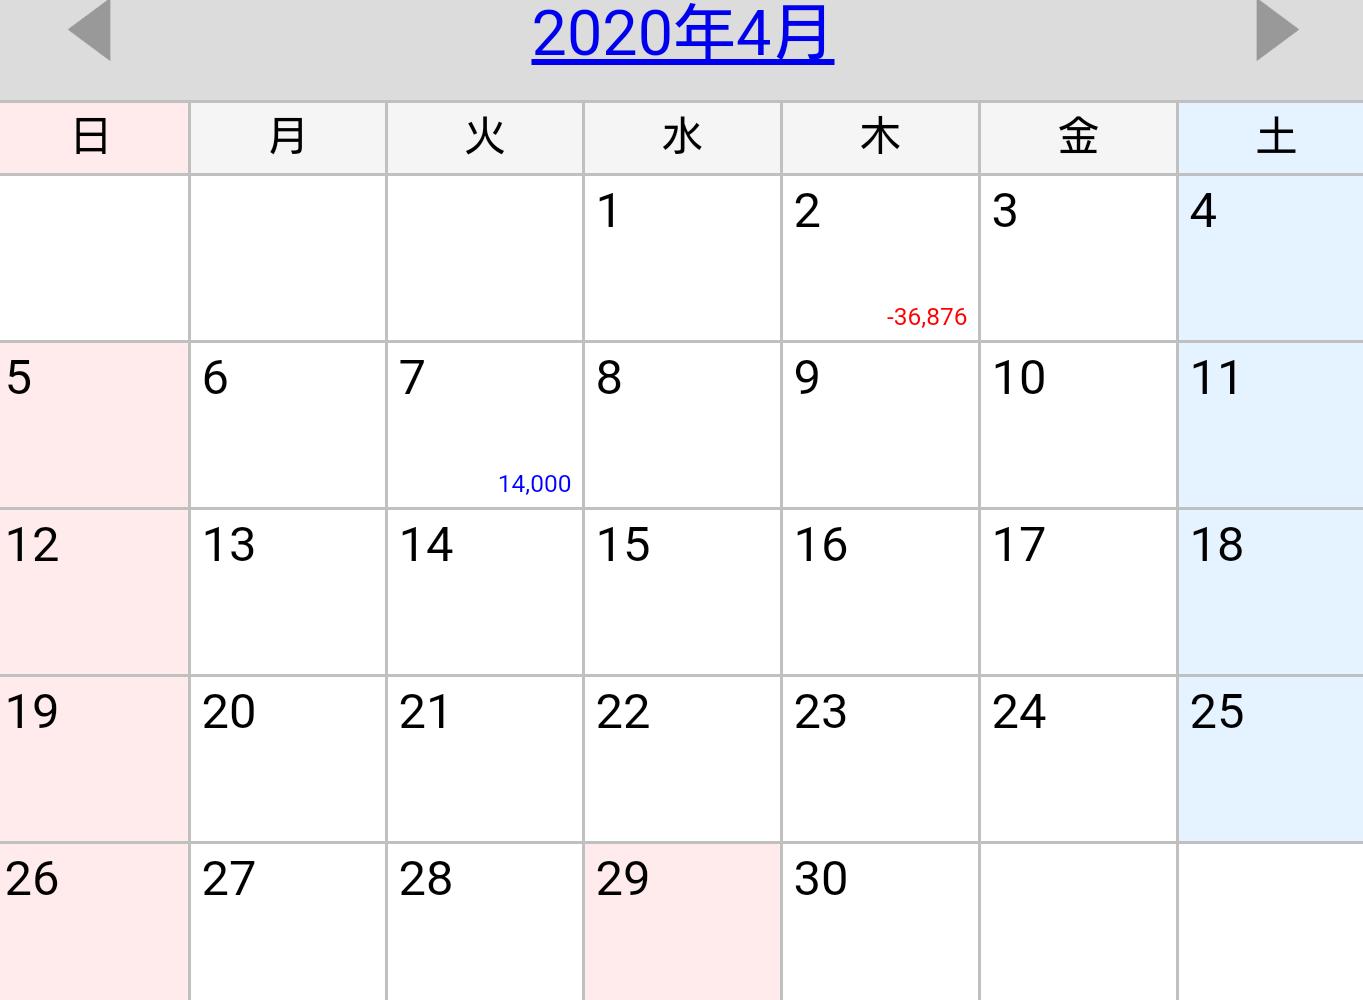 2020年4月日別収支表